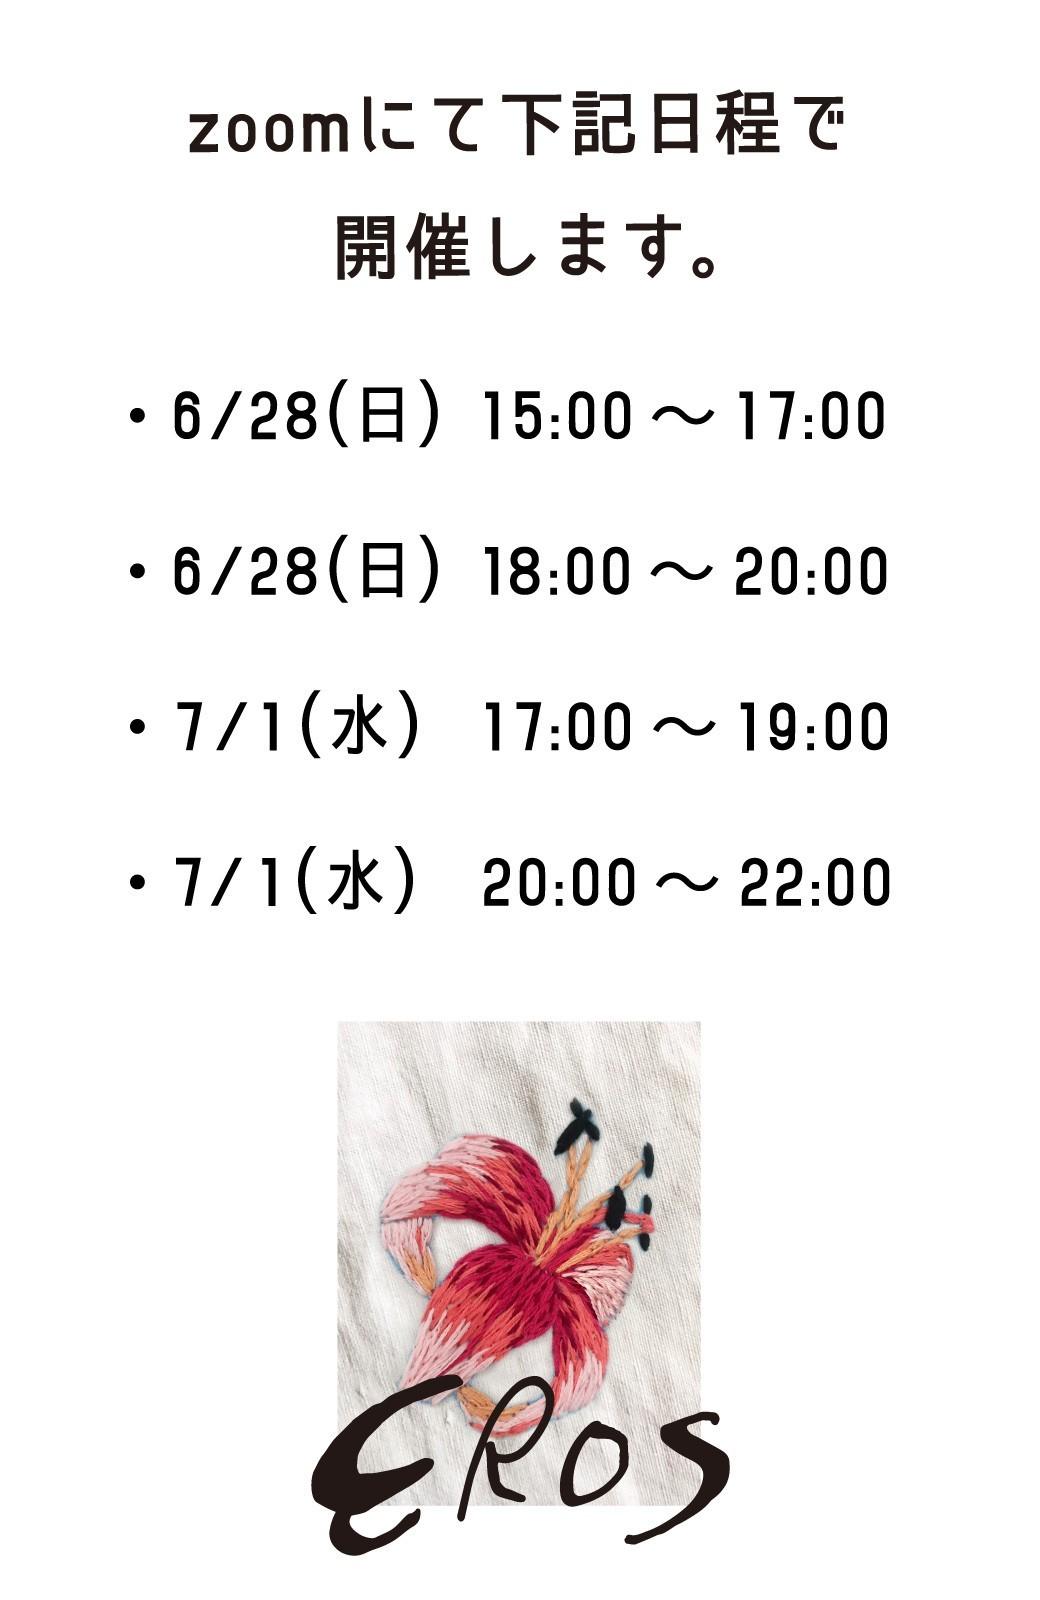 haco! haco! [haco! POST] 刺繍アーティスト二宮佐和子さんとみんなでワイワイ刺繍!zoom縫いワークショップ参加チケット 6/28・7/1開催<eros> <その他>の商品写真5